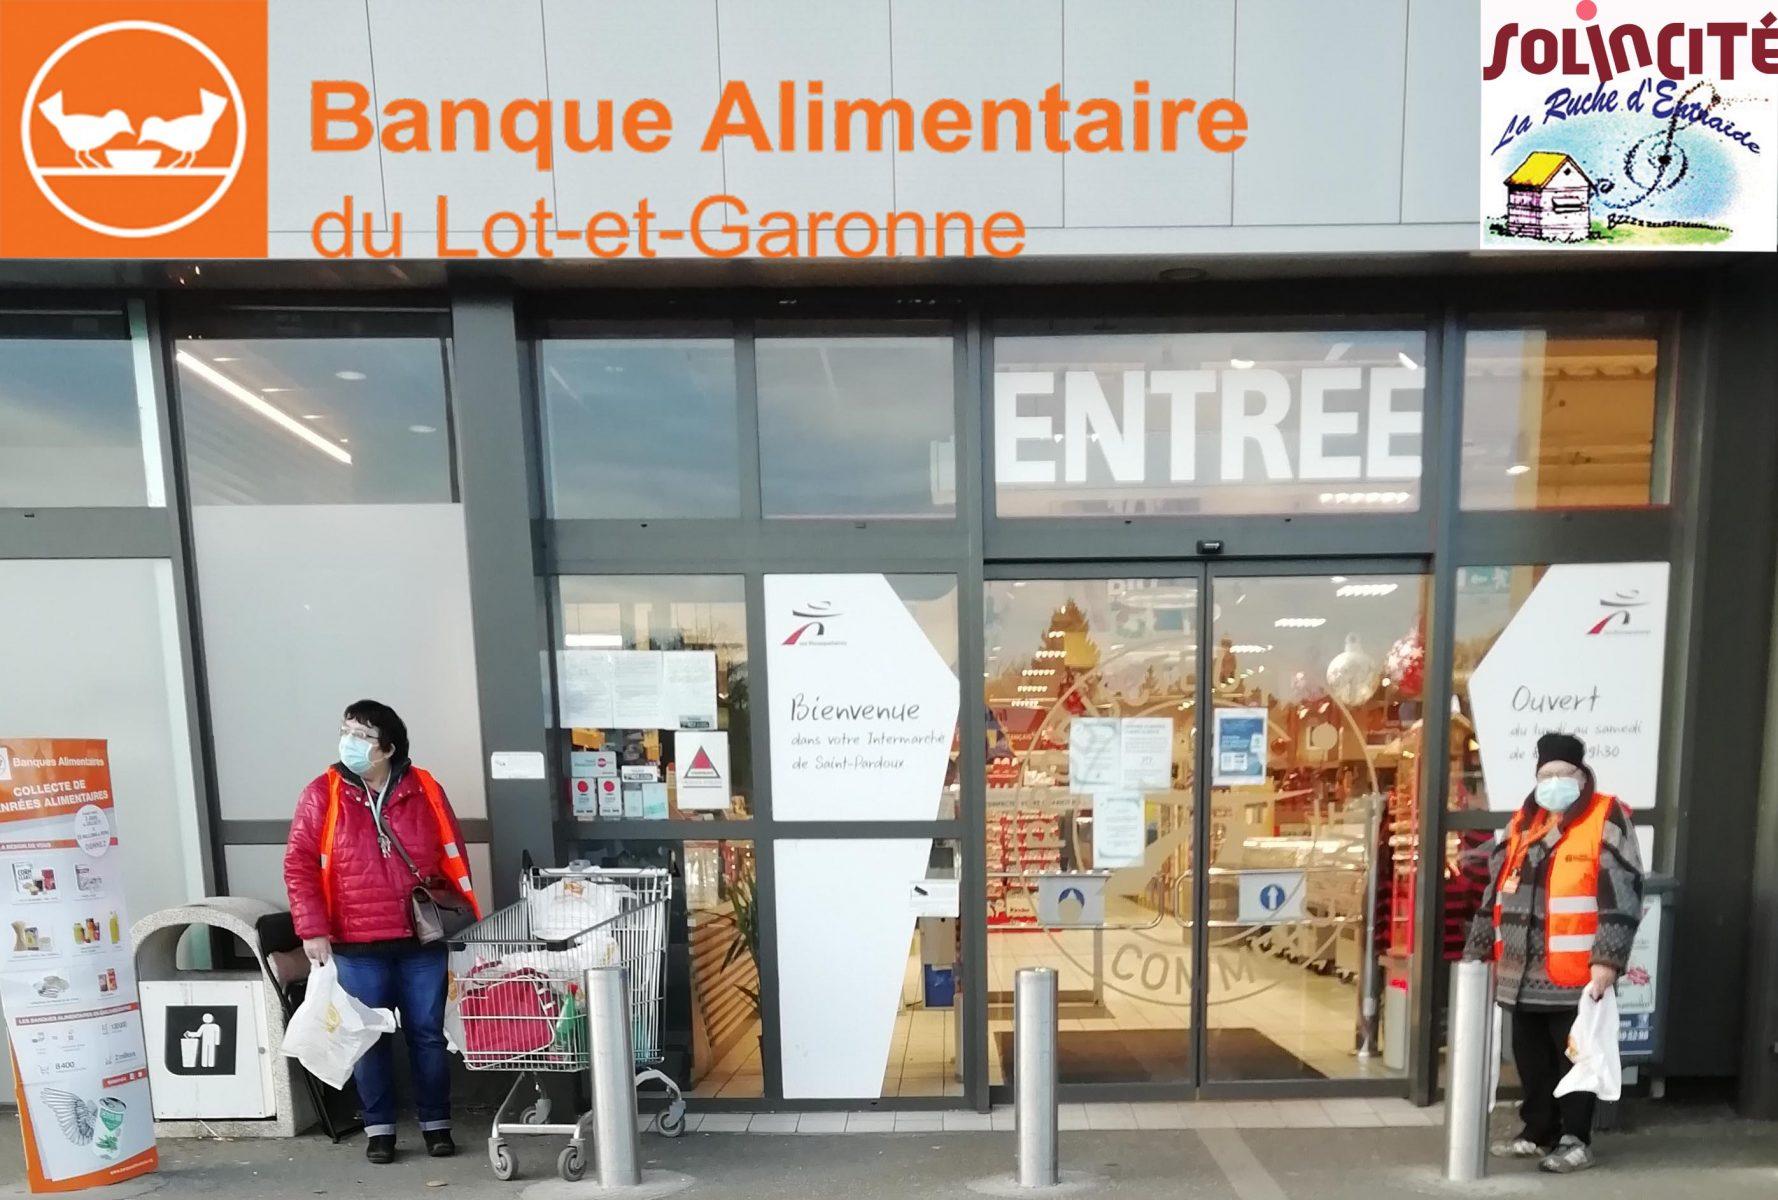 Le GEM de Miramont de Guyenne en partenariat avec la Banque Alimentaire